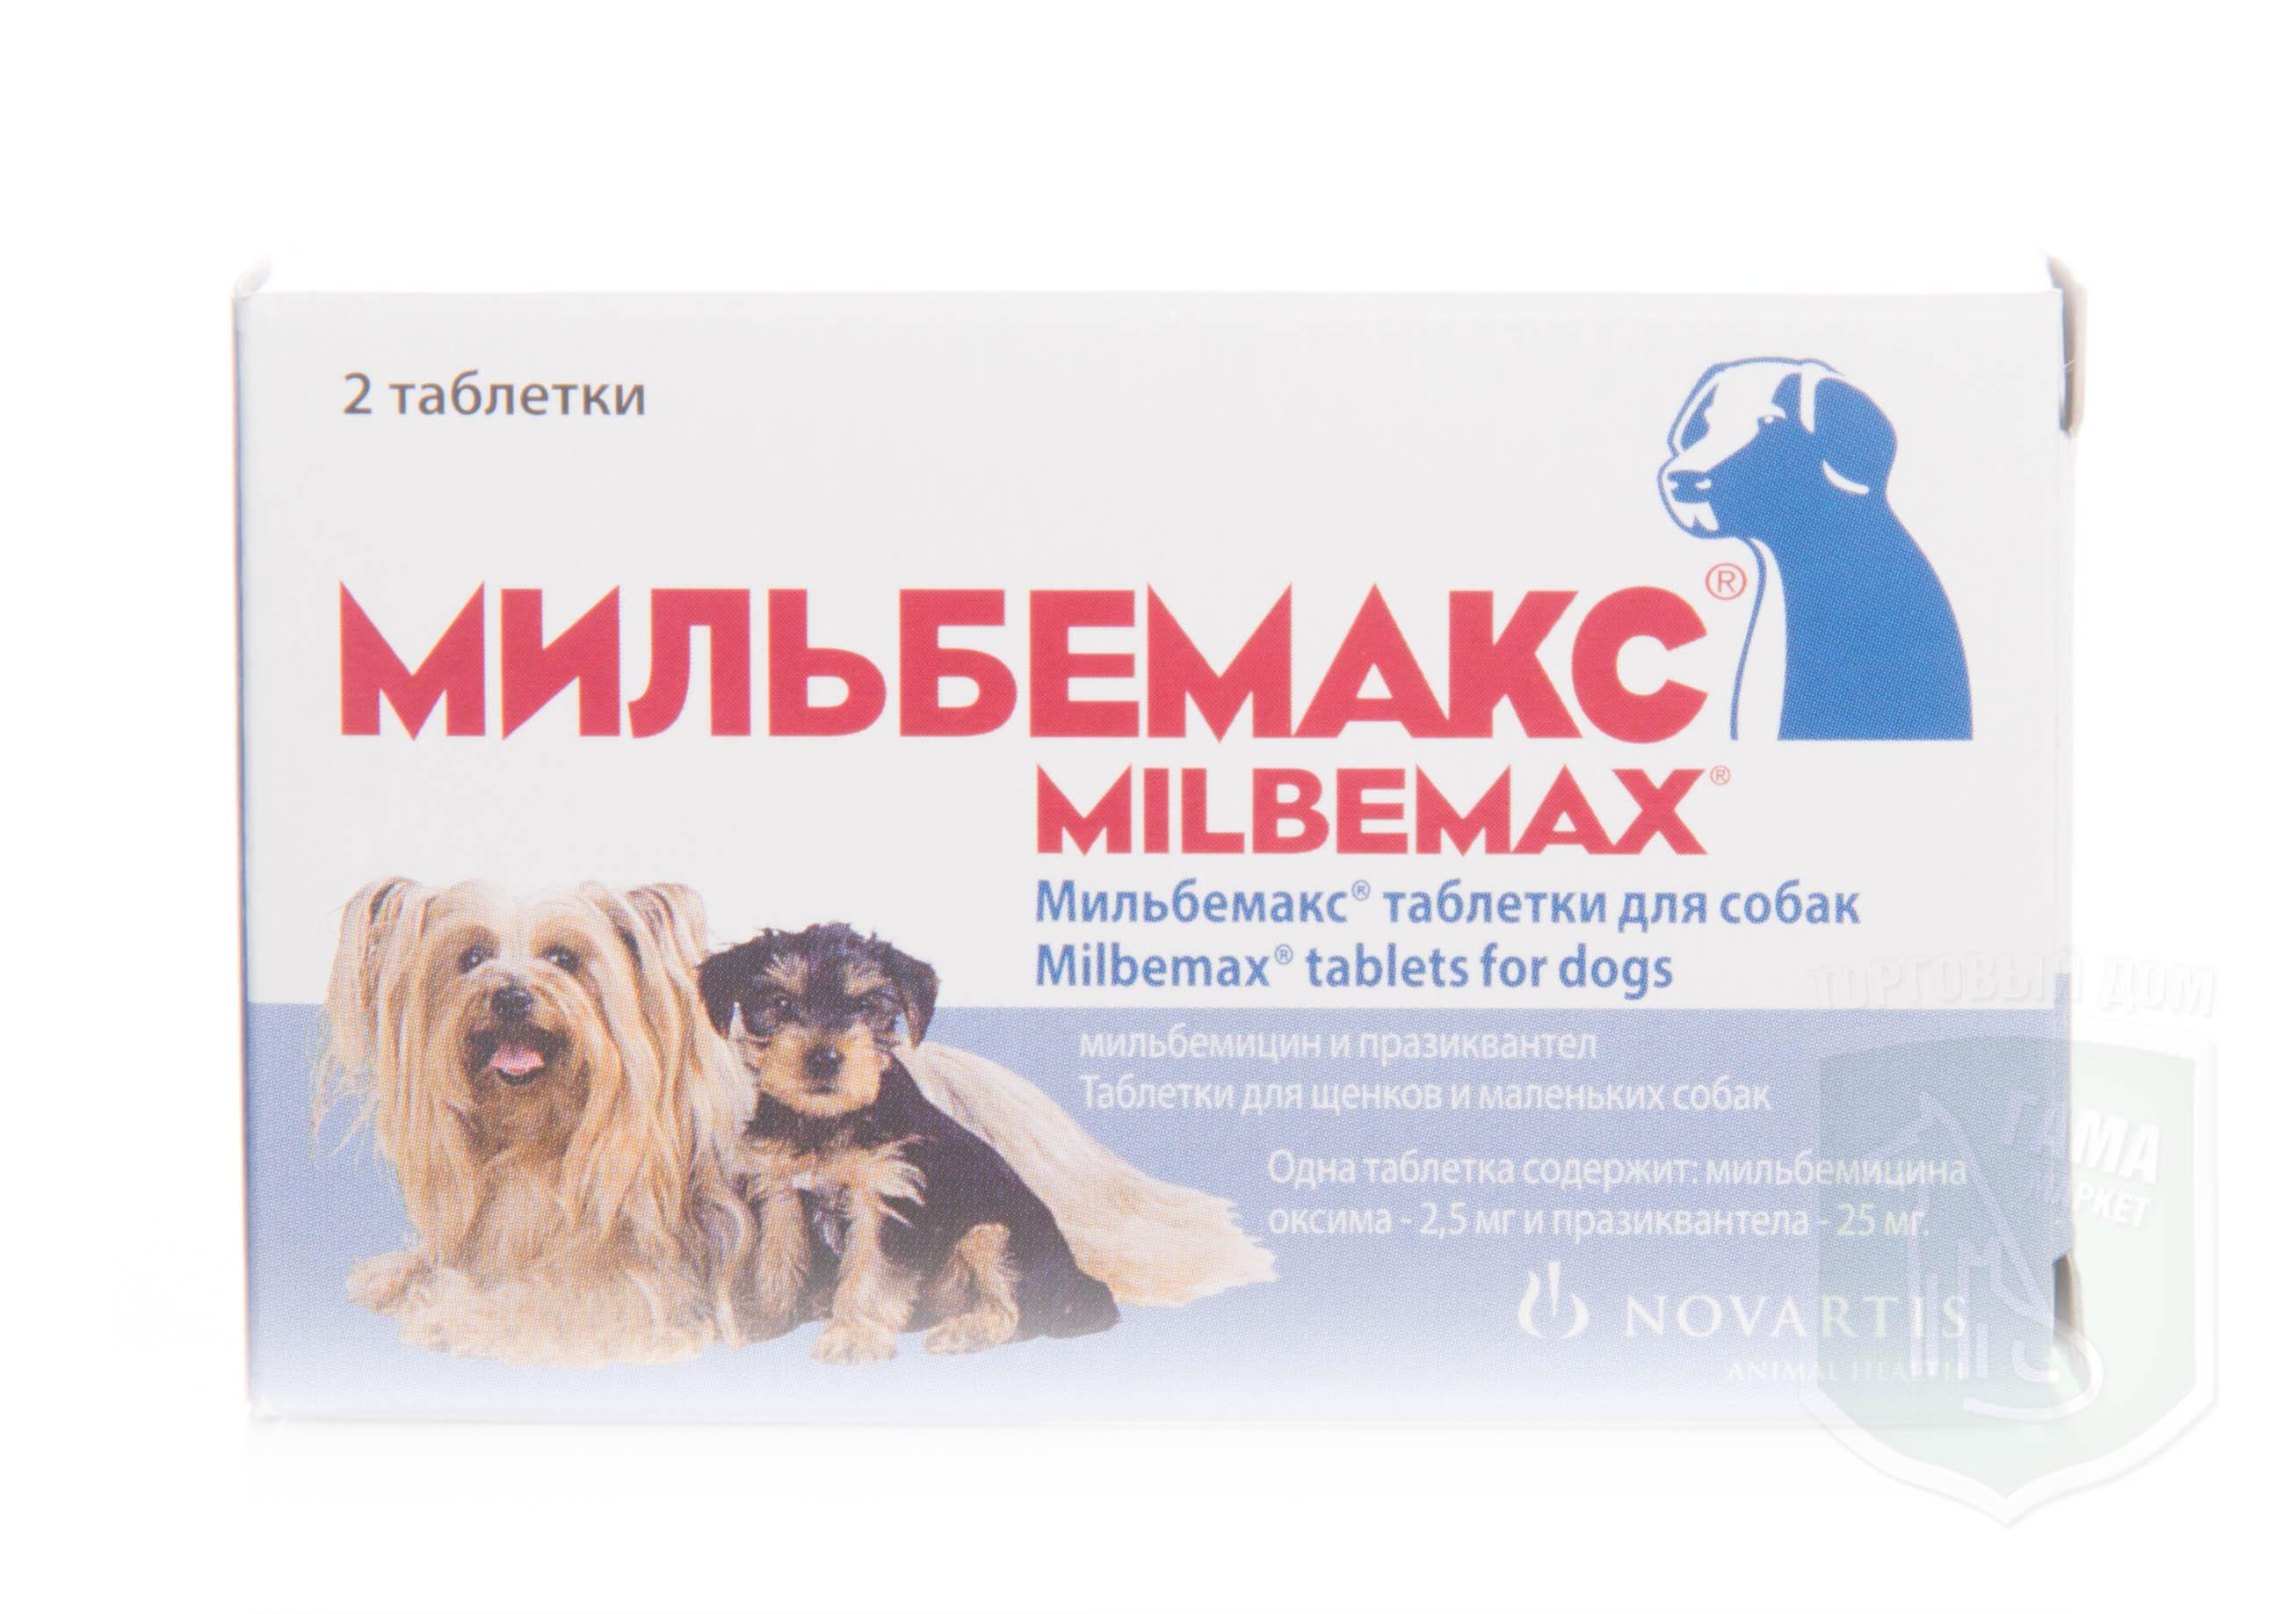 мильбемакс для маленьких собак инструкция по применению